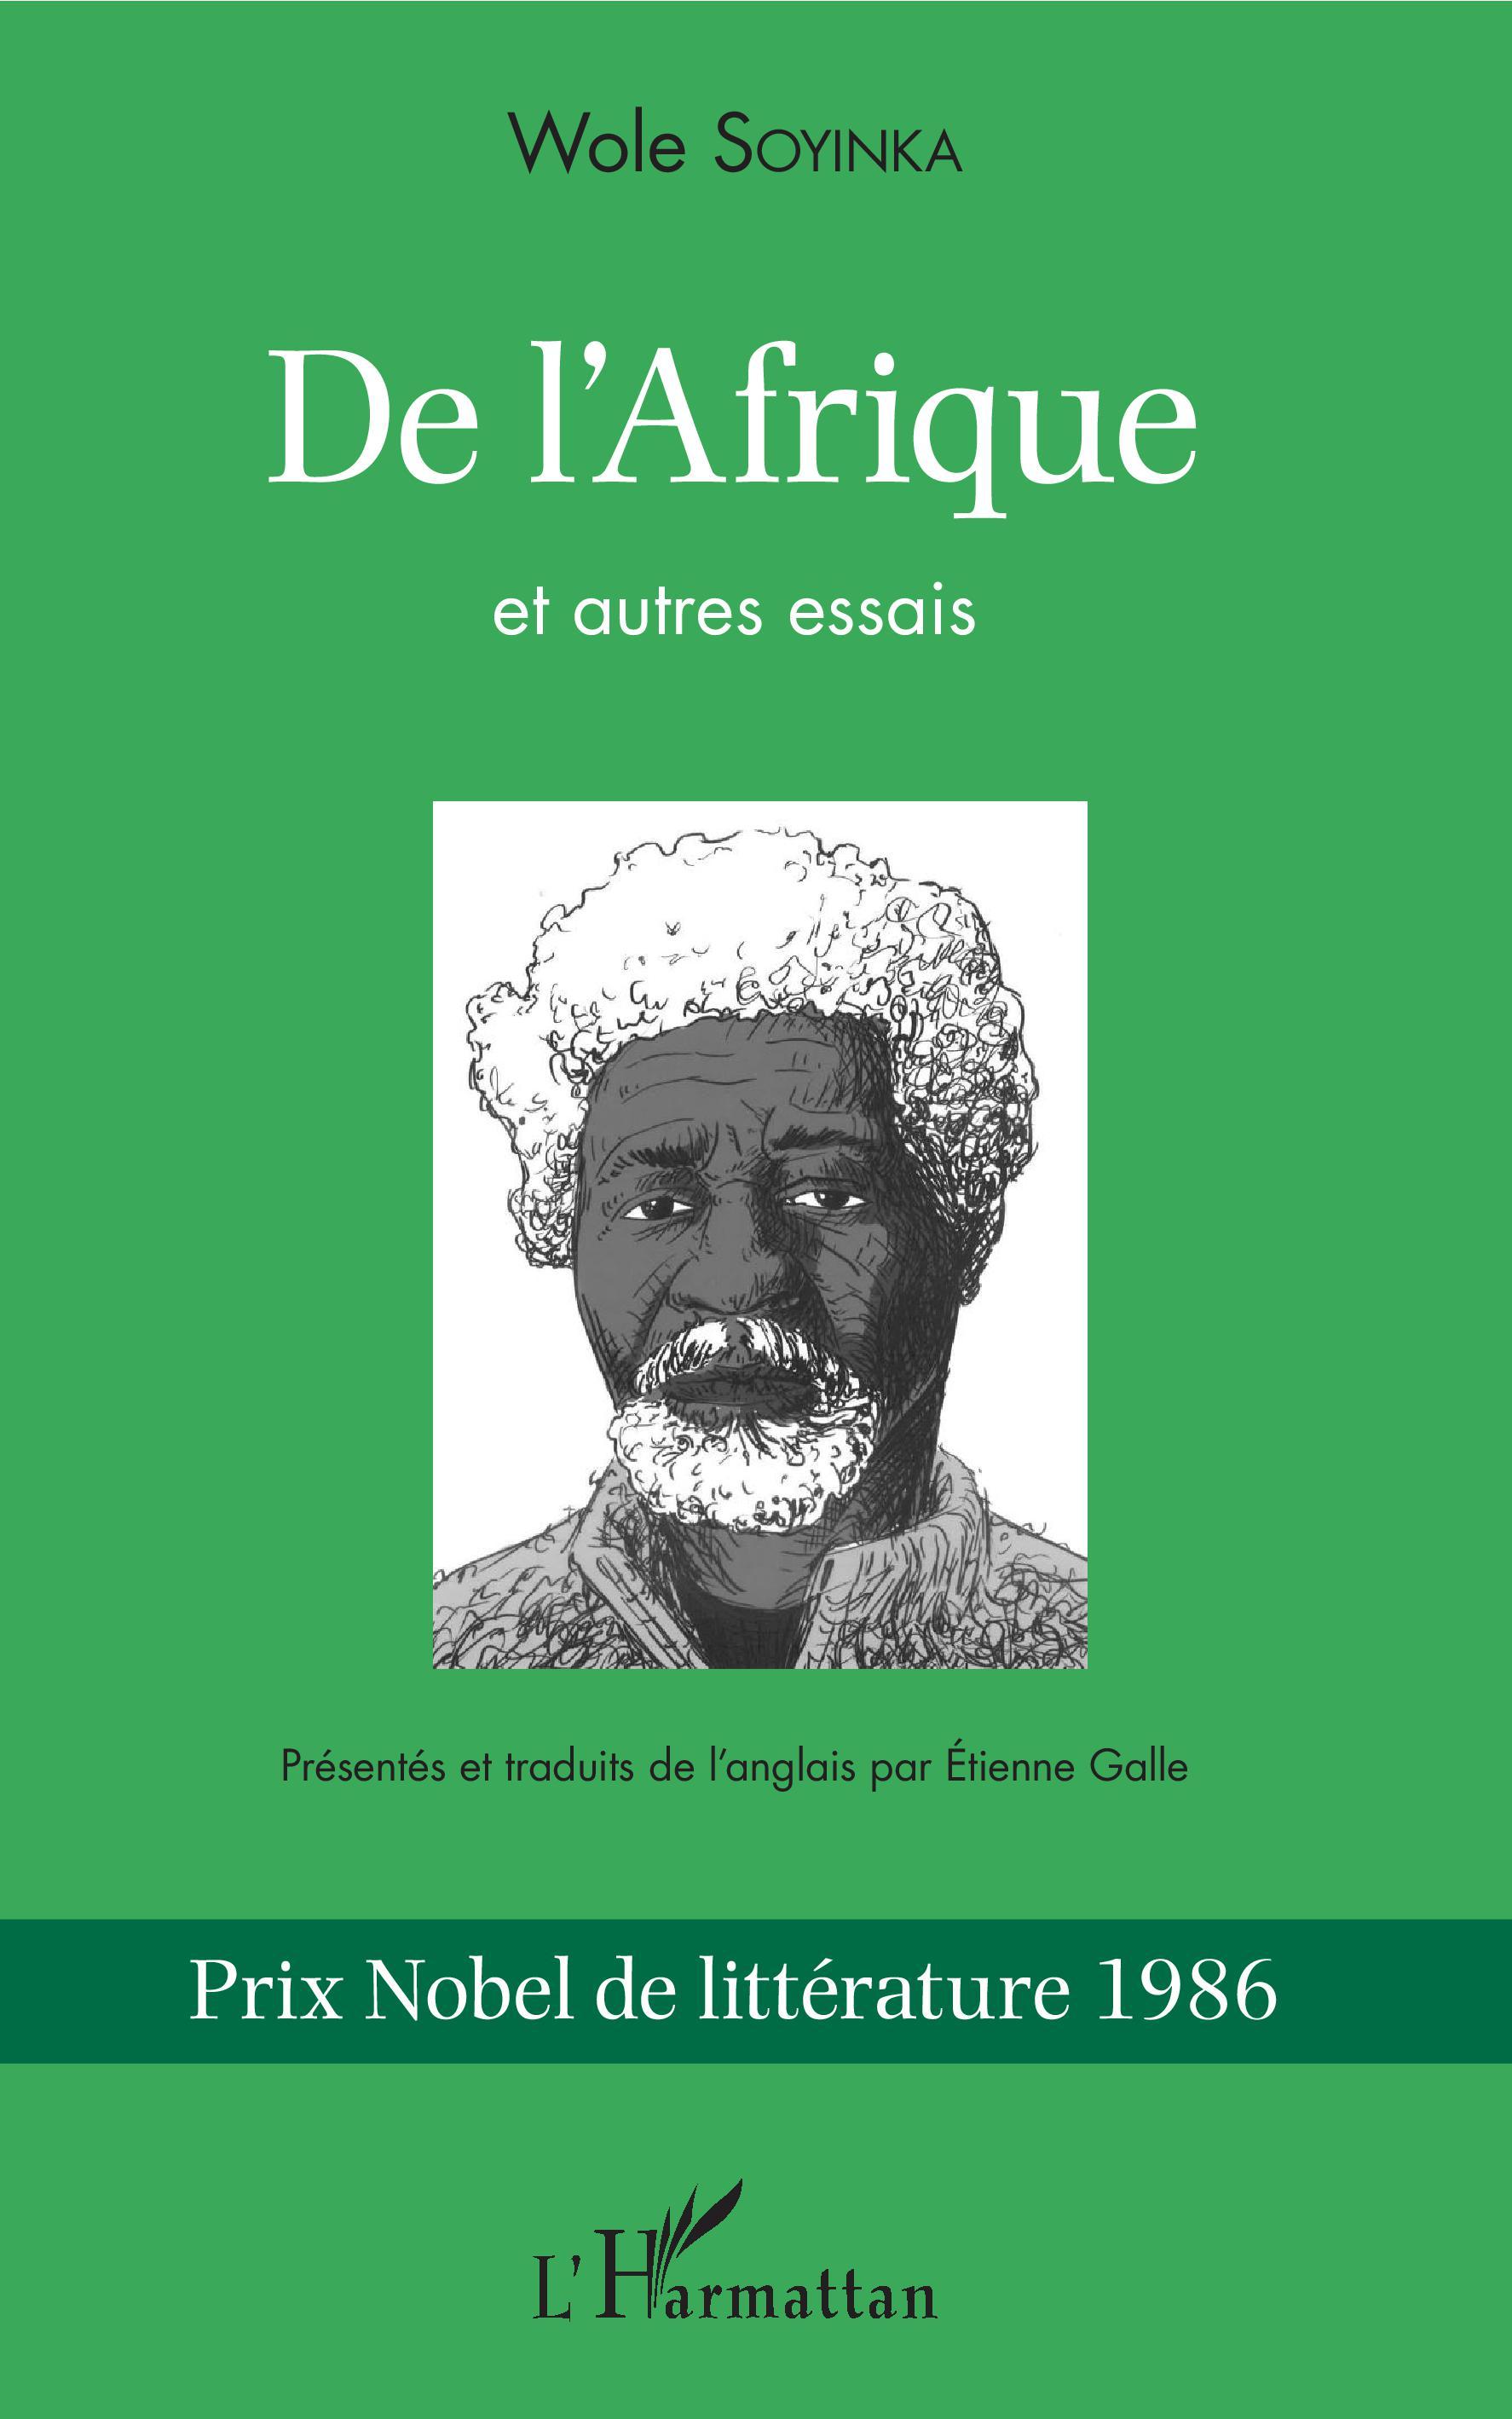 W. Soyinka, De l'Afrique et autres essais